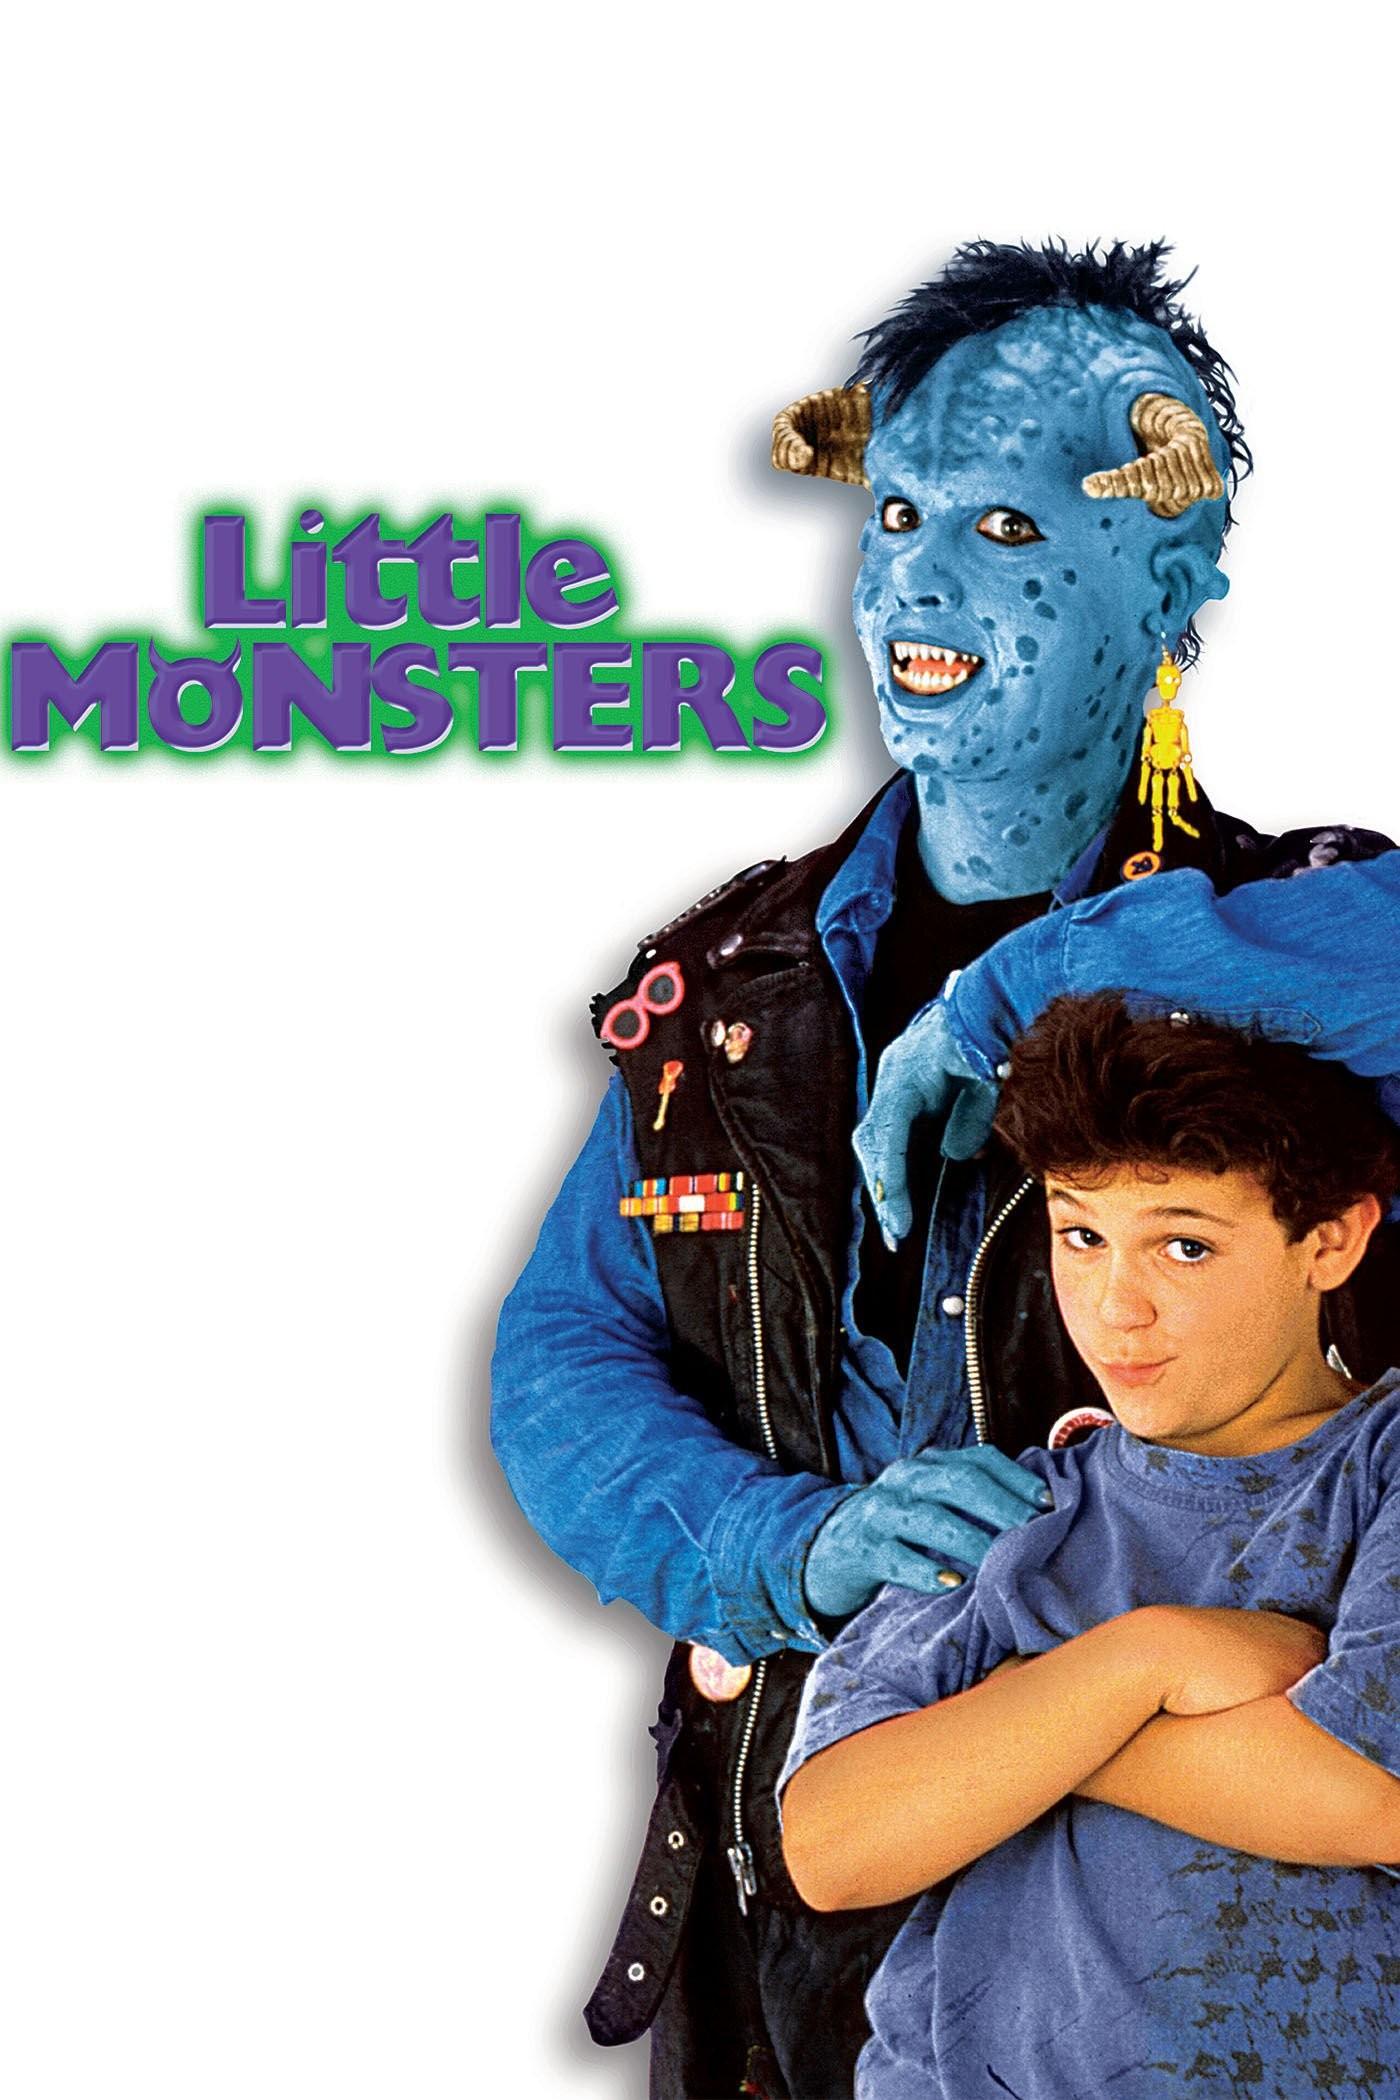 Watch Little Monsters (1989) Free Online